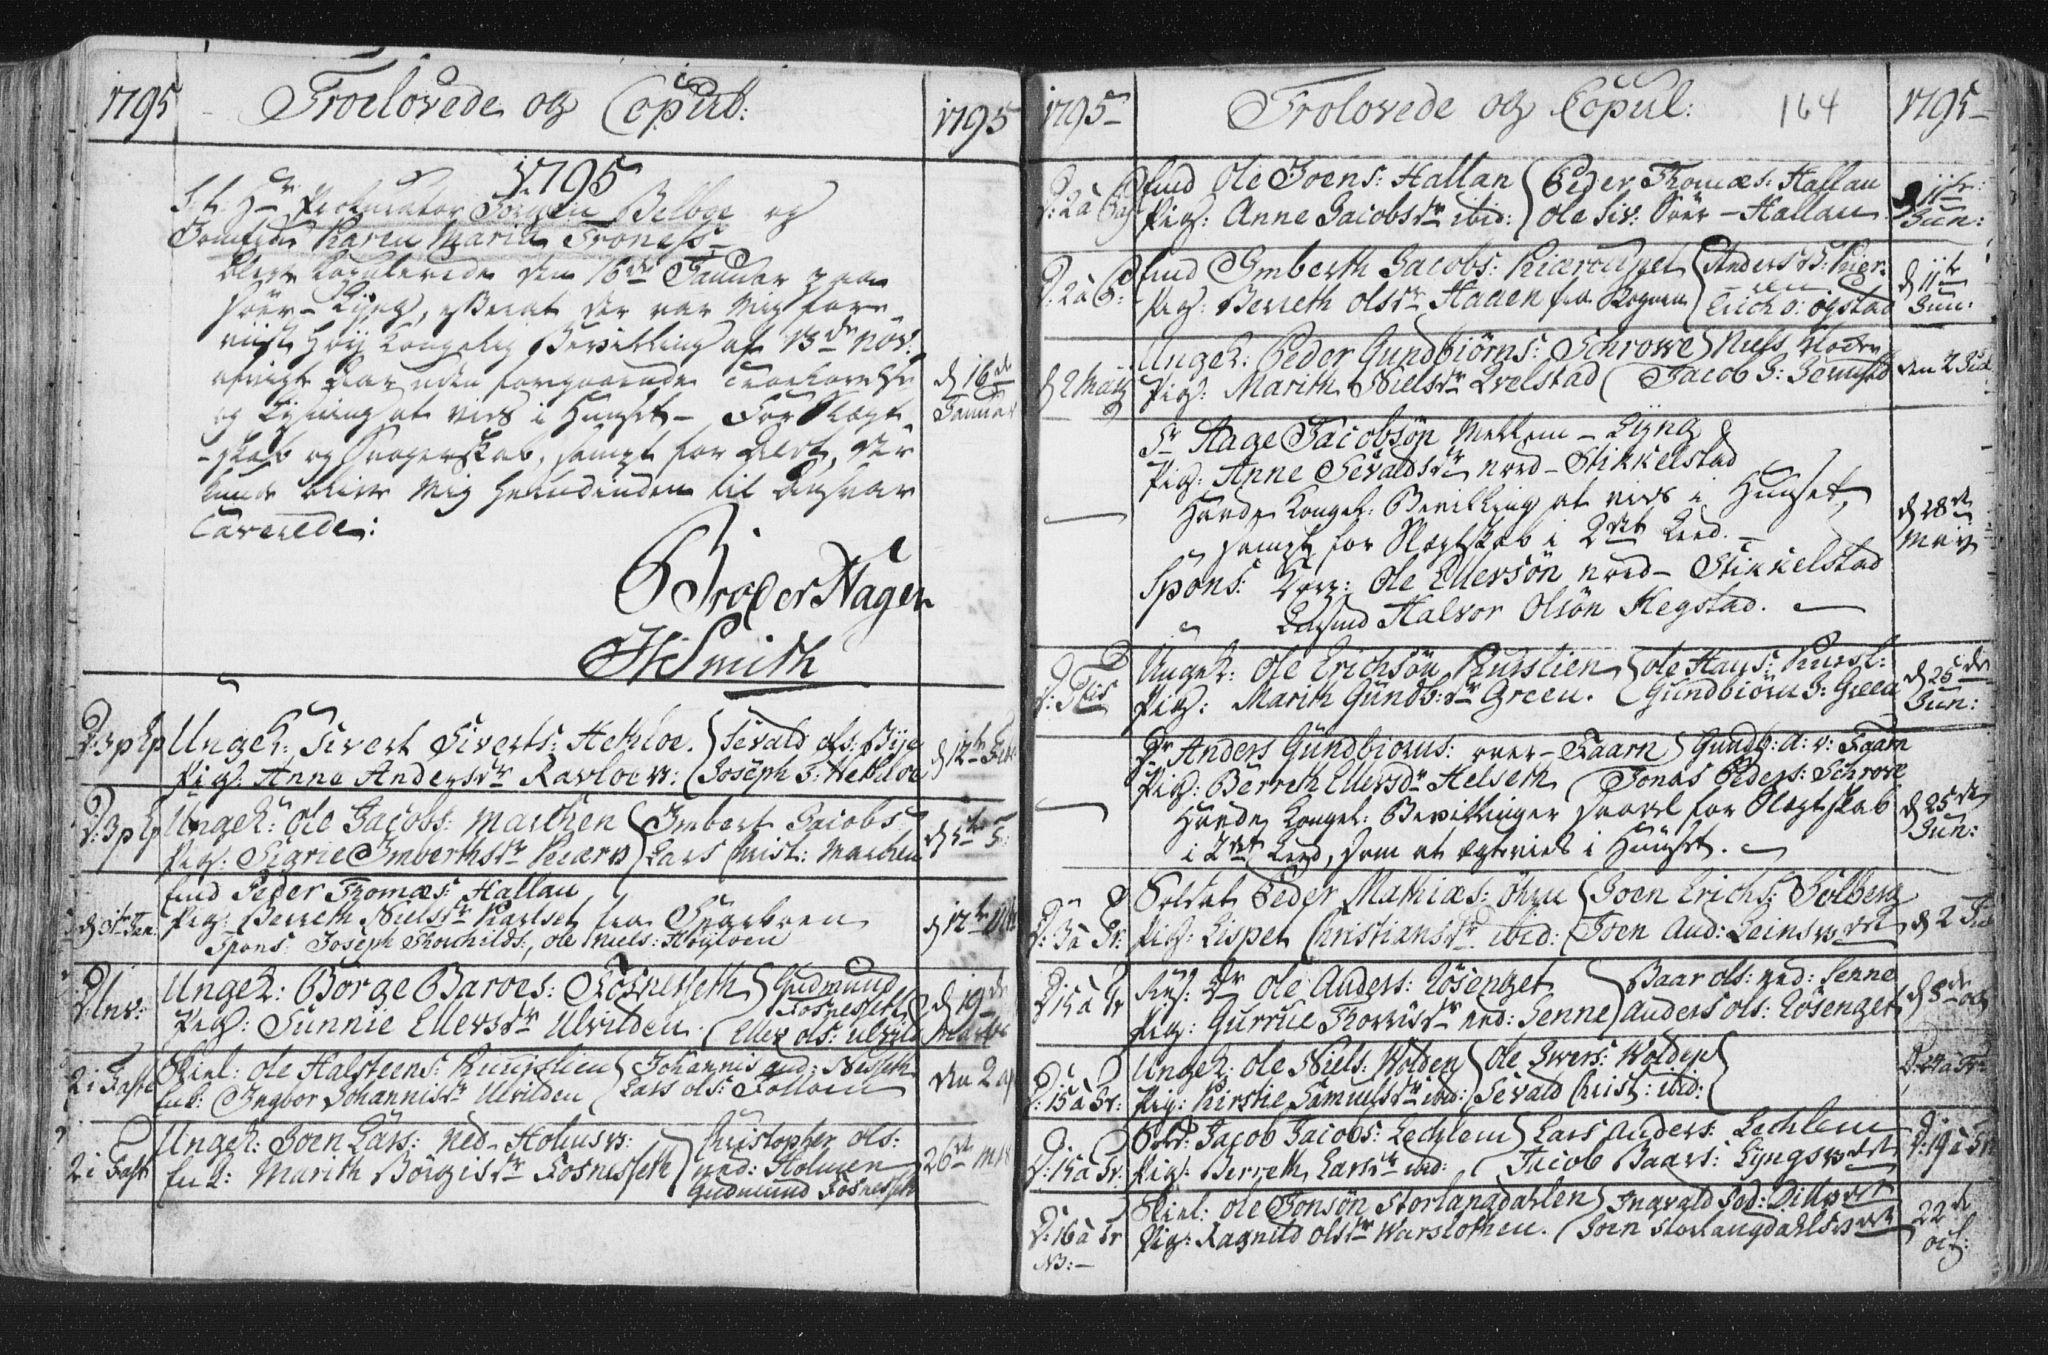 SAT, Ministerialprotokoller, klokkerbøker og fødselsregistre - Nord-Trøndelag, 723/L0232: Ministerialbok nr. 723A03, 1781-1804, s. 164